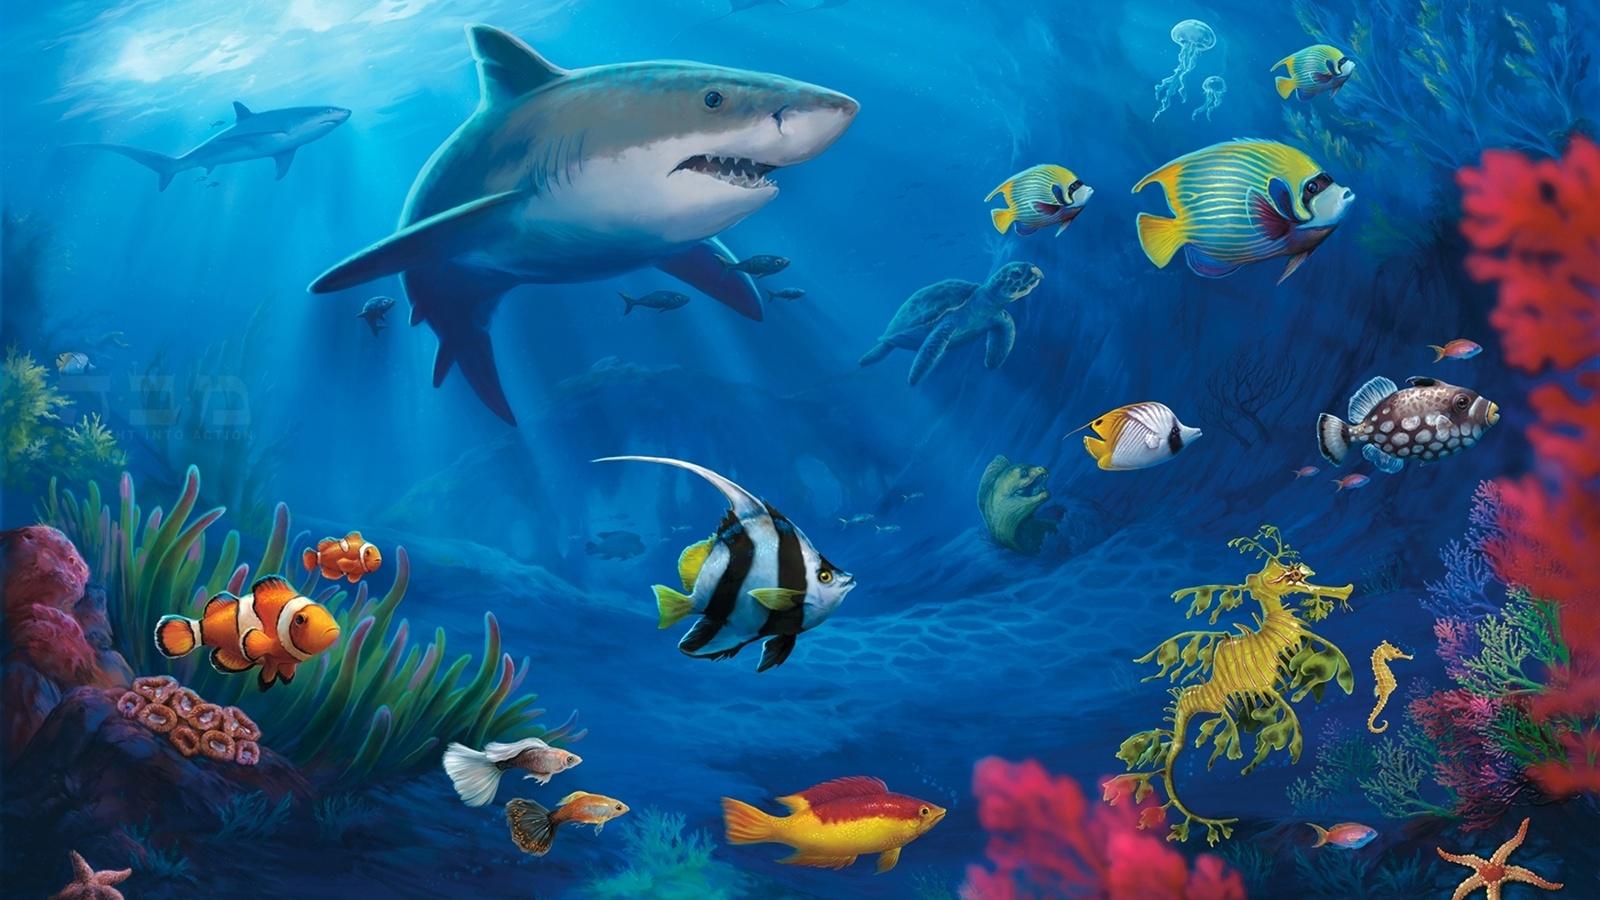 水中世界では、サメ 壁紙 - 1600x900    1600x900 壁紙ダウンロード